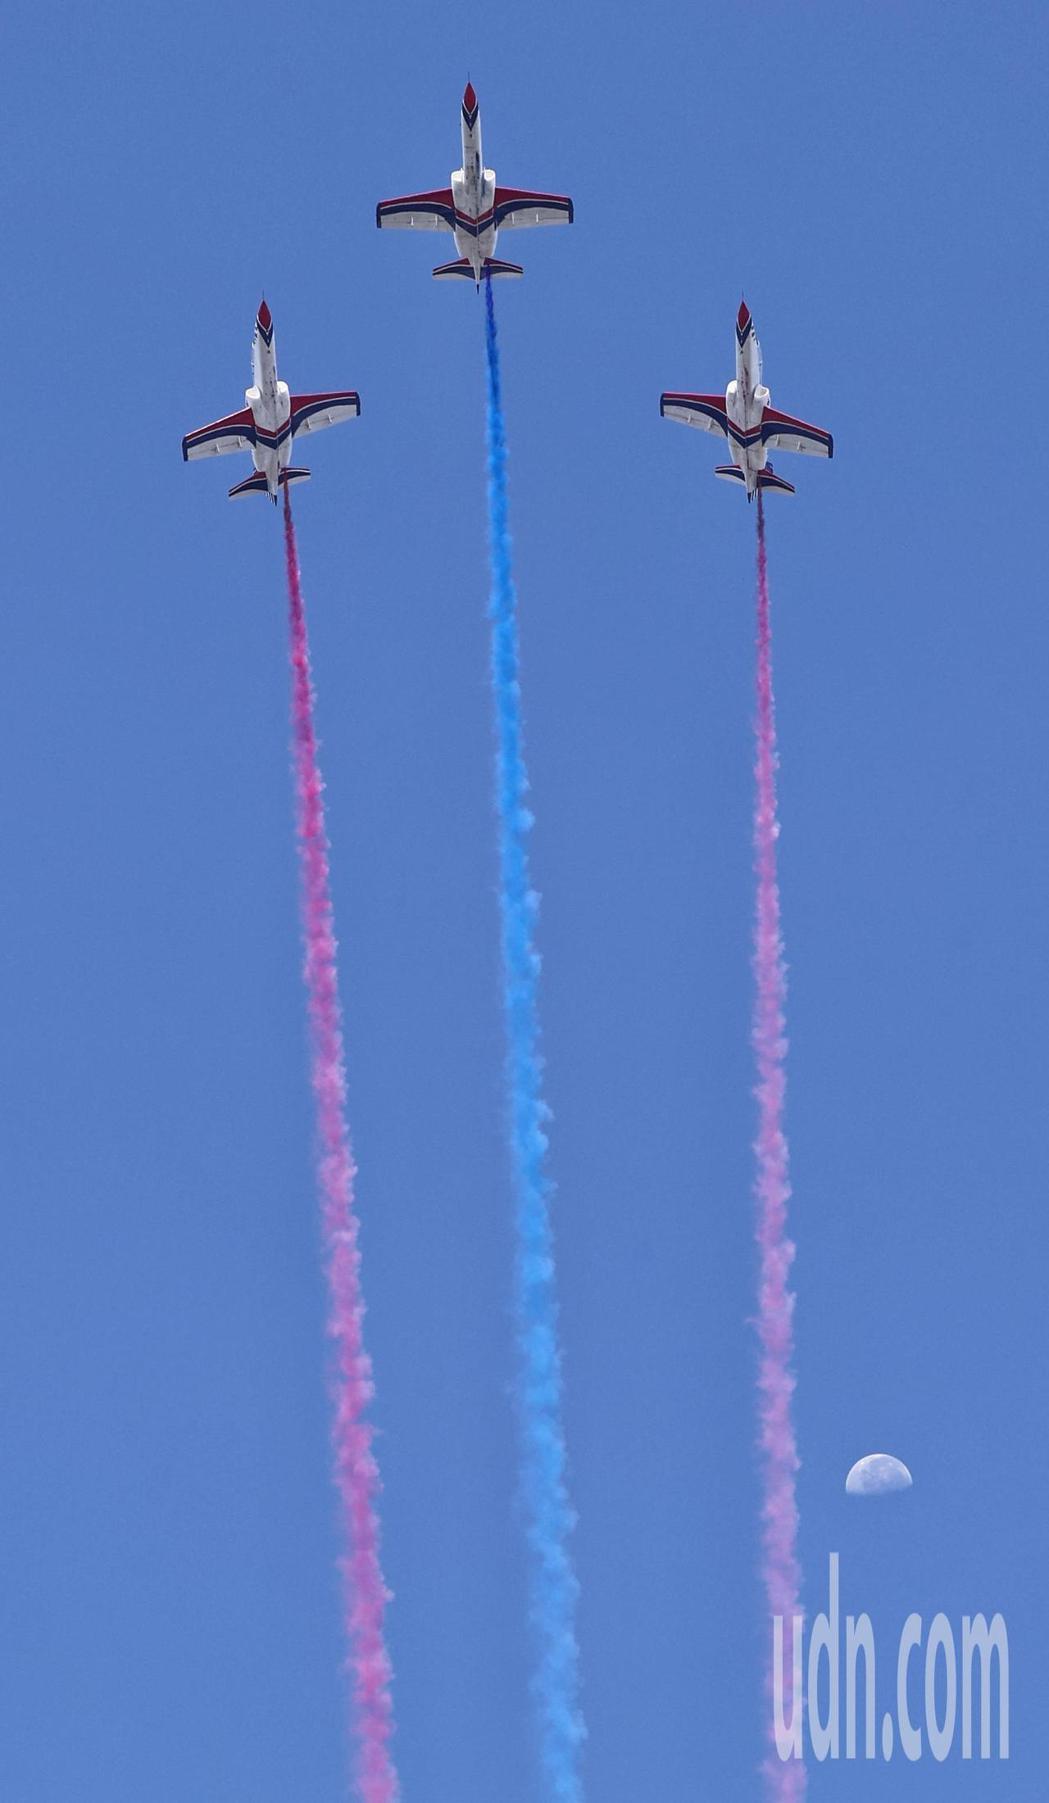 空軍雷虎特技小組彩色煙霧畫過藍天及月亮。記者侯永全/攝影